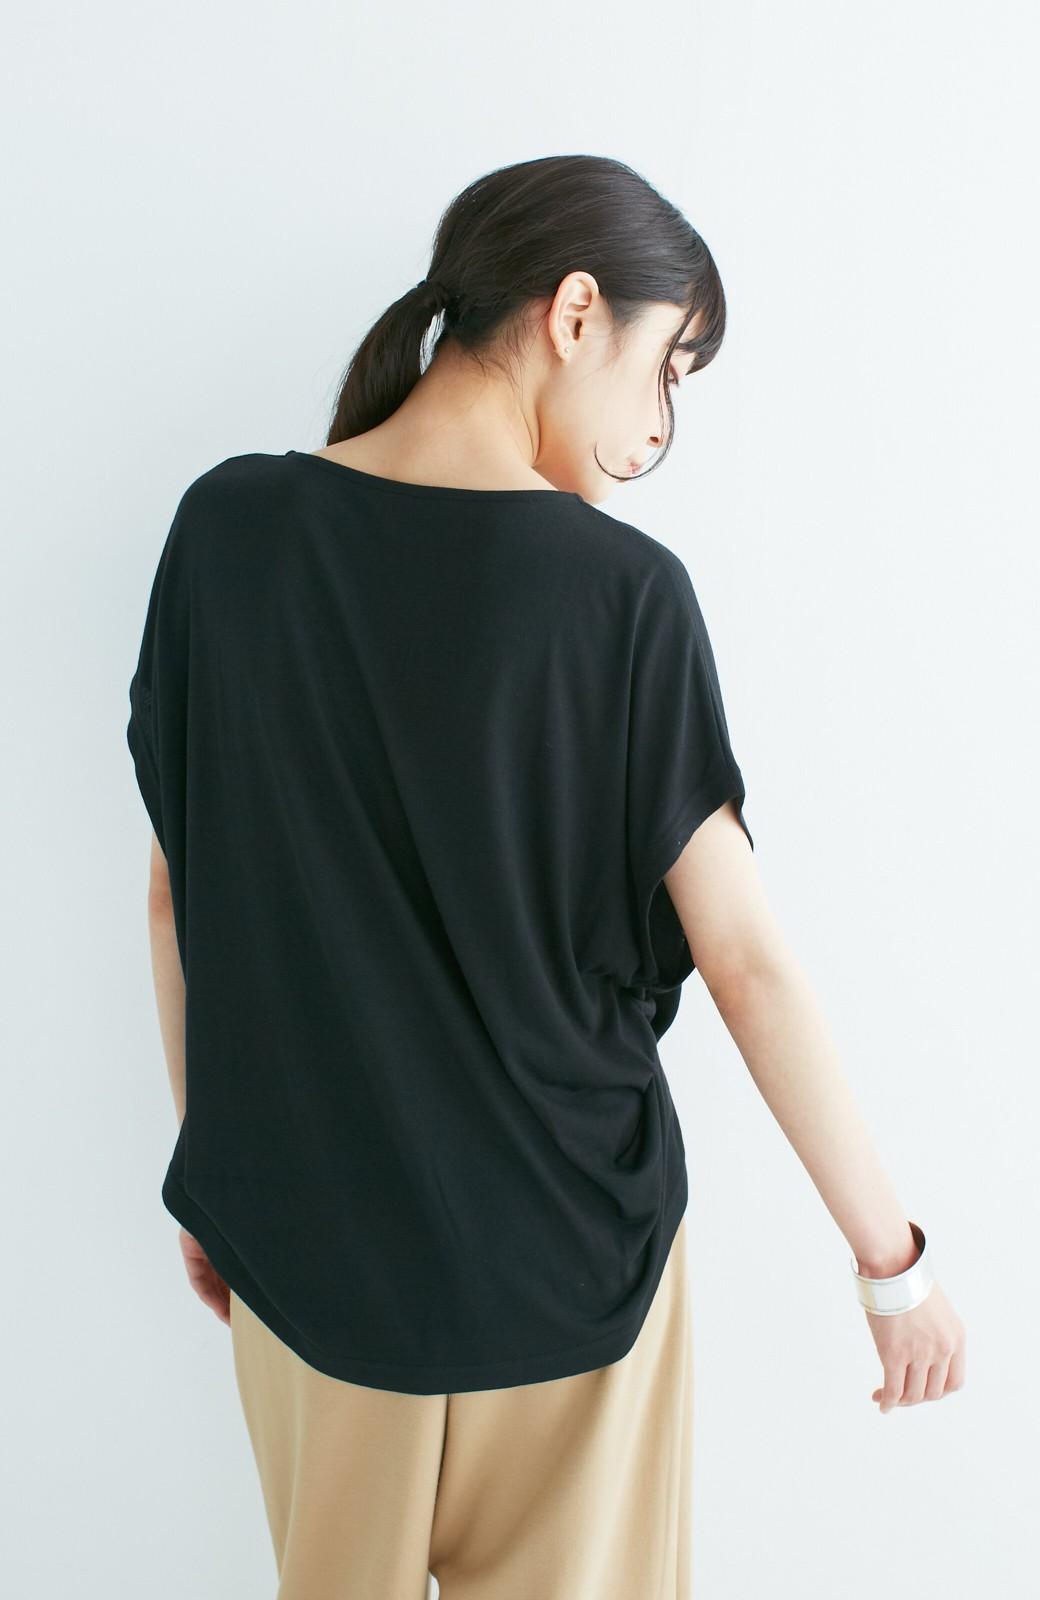 haco! 旅の救世主!3泊4日のキャミオールインワン&ゆったりTシャツセット <ブラック>の商品写真18